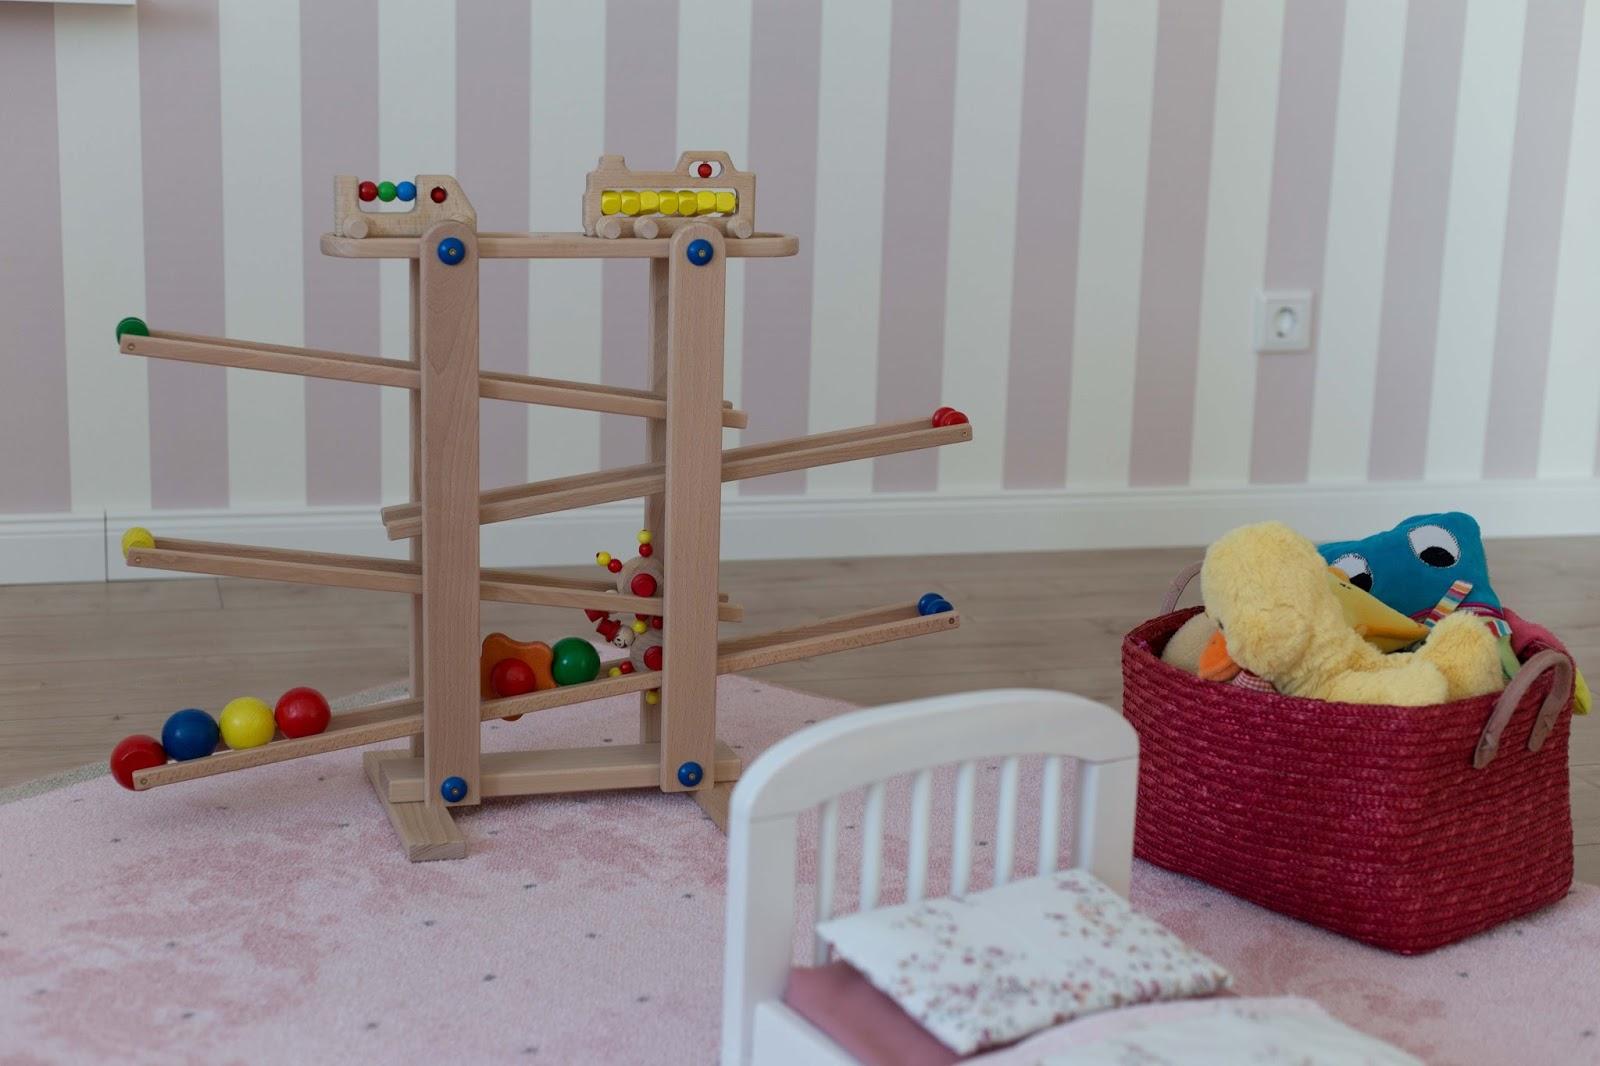 lebensimpressionen m dchenzimmer geschenkideen f r einj hrige. Black Bedroom Furniture Sets. Home Design Ideas